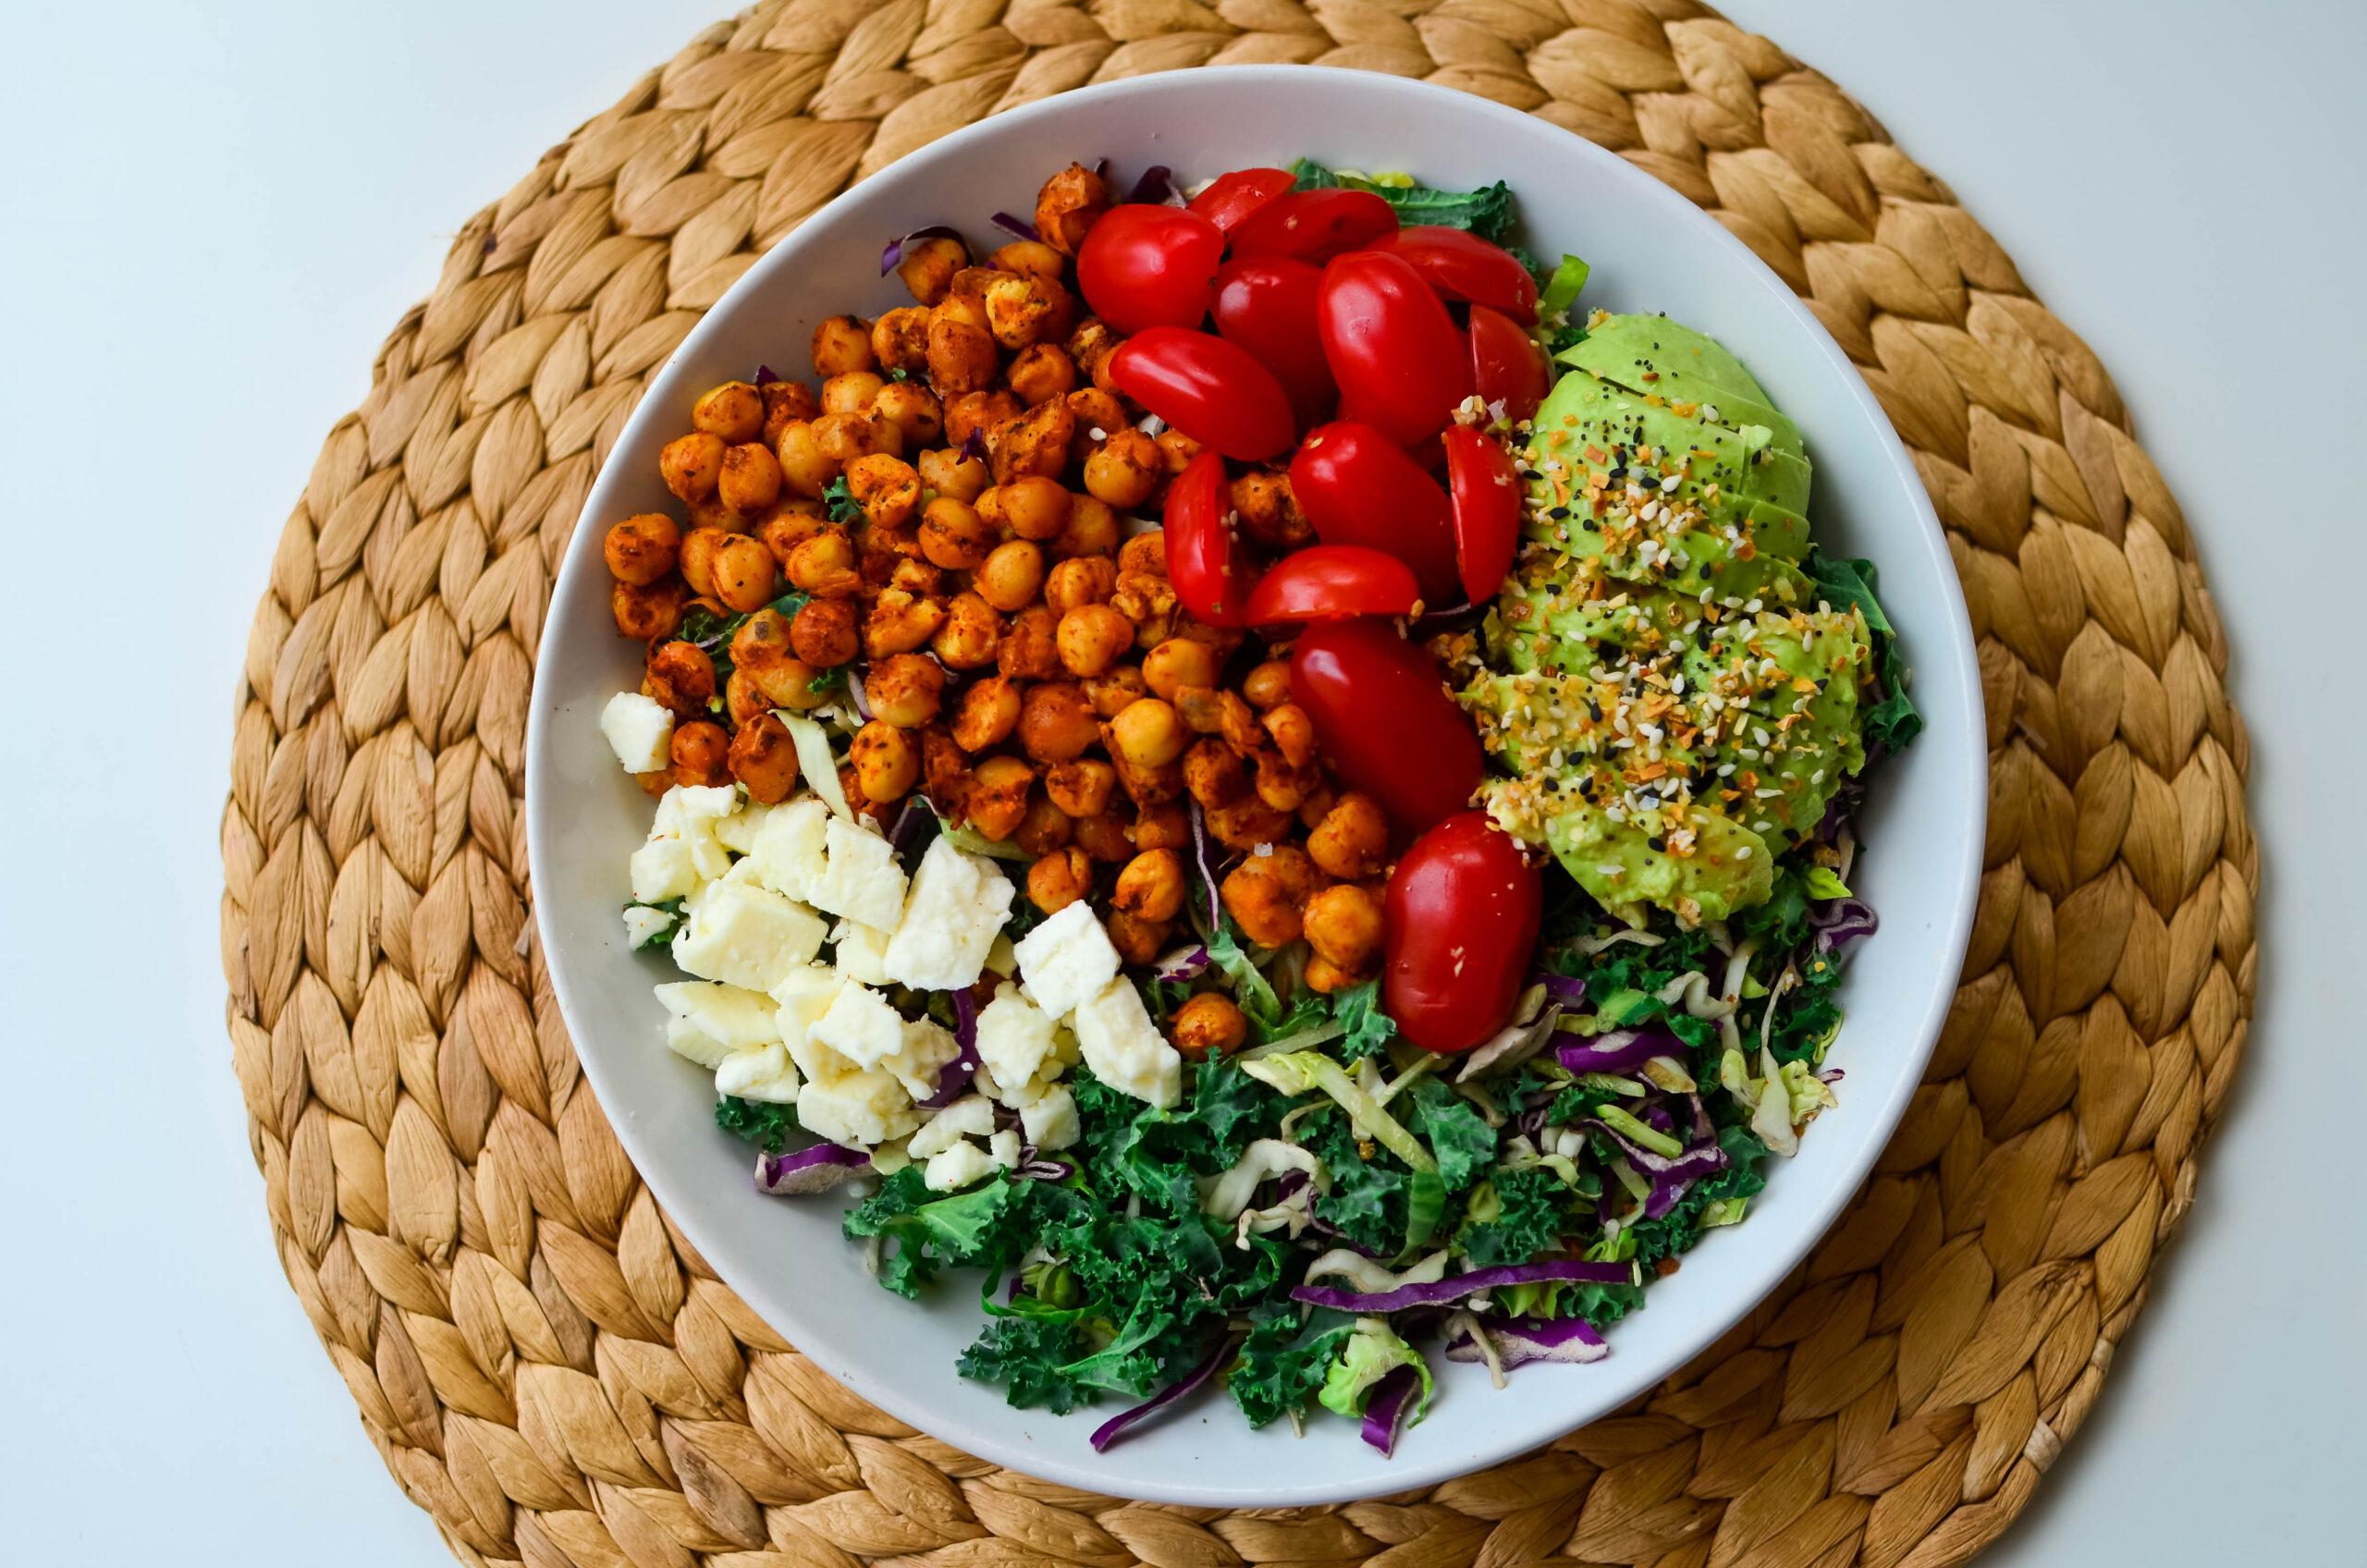 A vegetarian twist on a Cobb salad classic